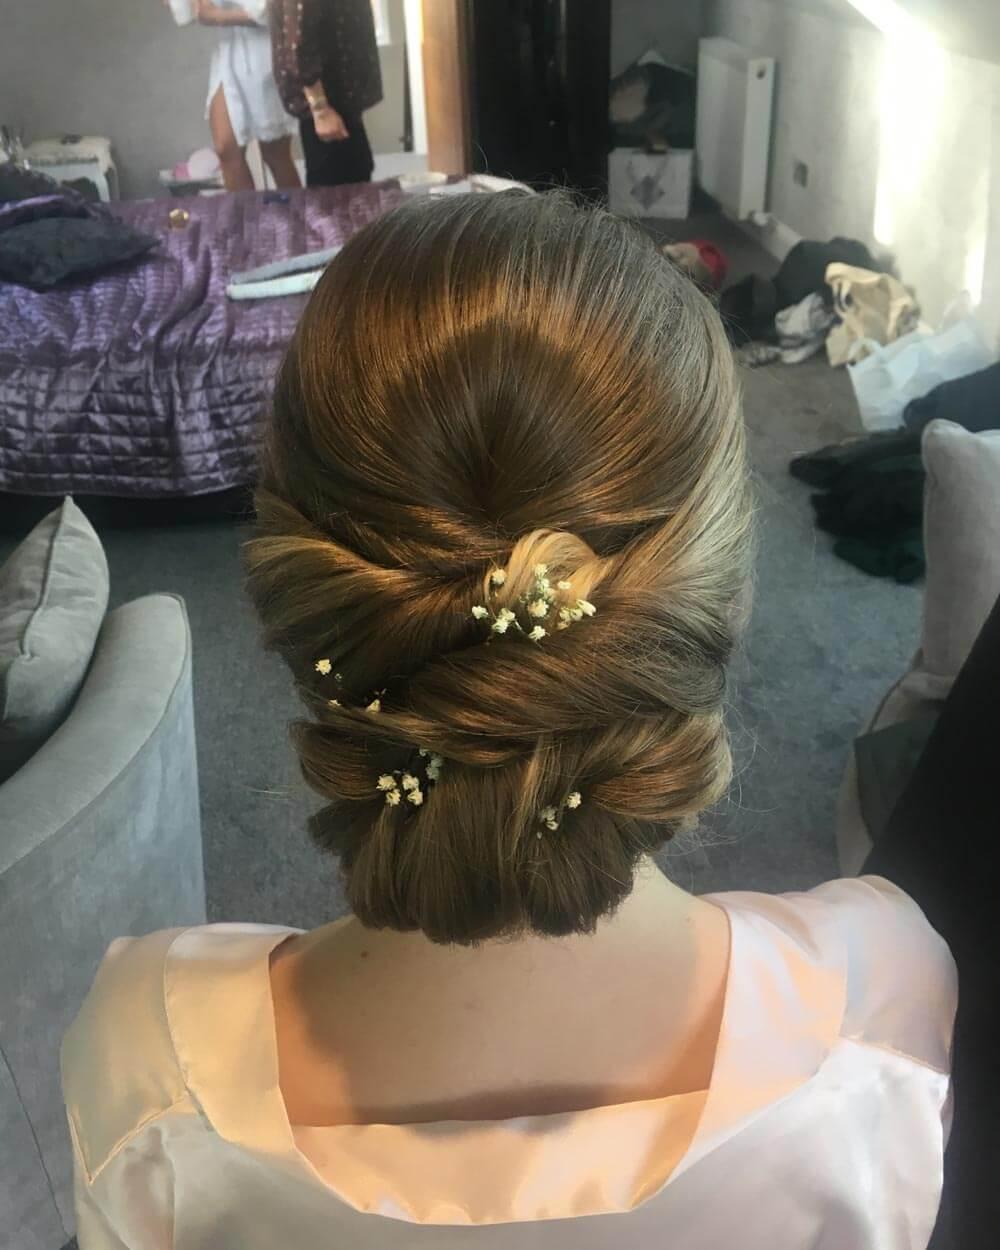 Bridesmaid Hair – After